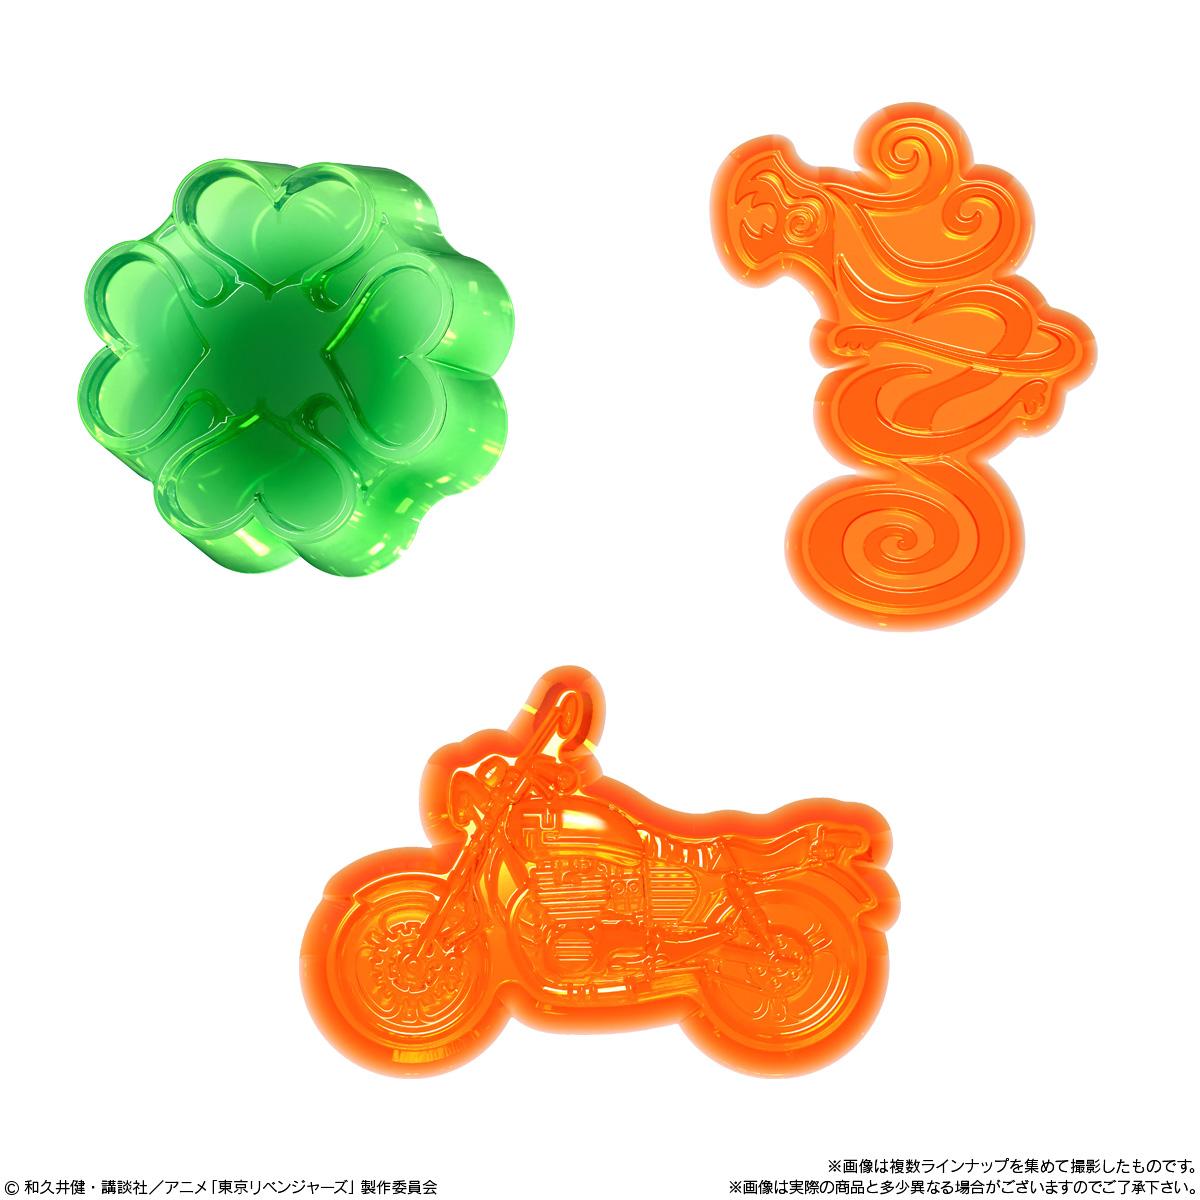 【食玩】東京リベンジャーズ『東京リベンジャーズ グミ』12個入りBOX-007